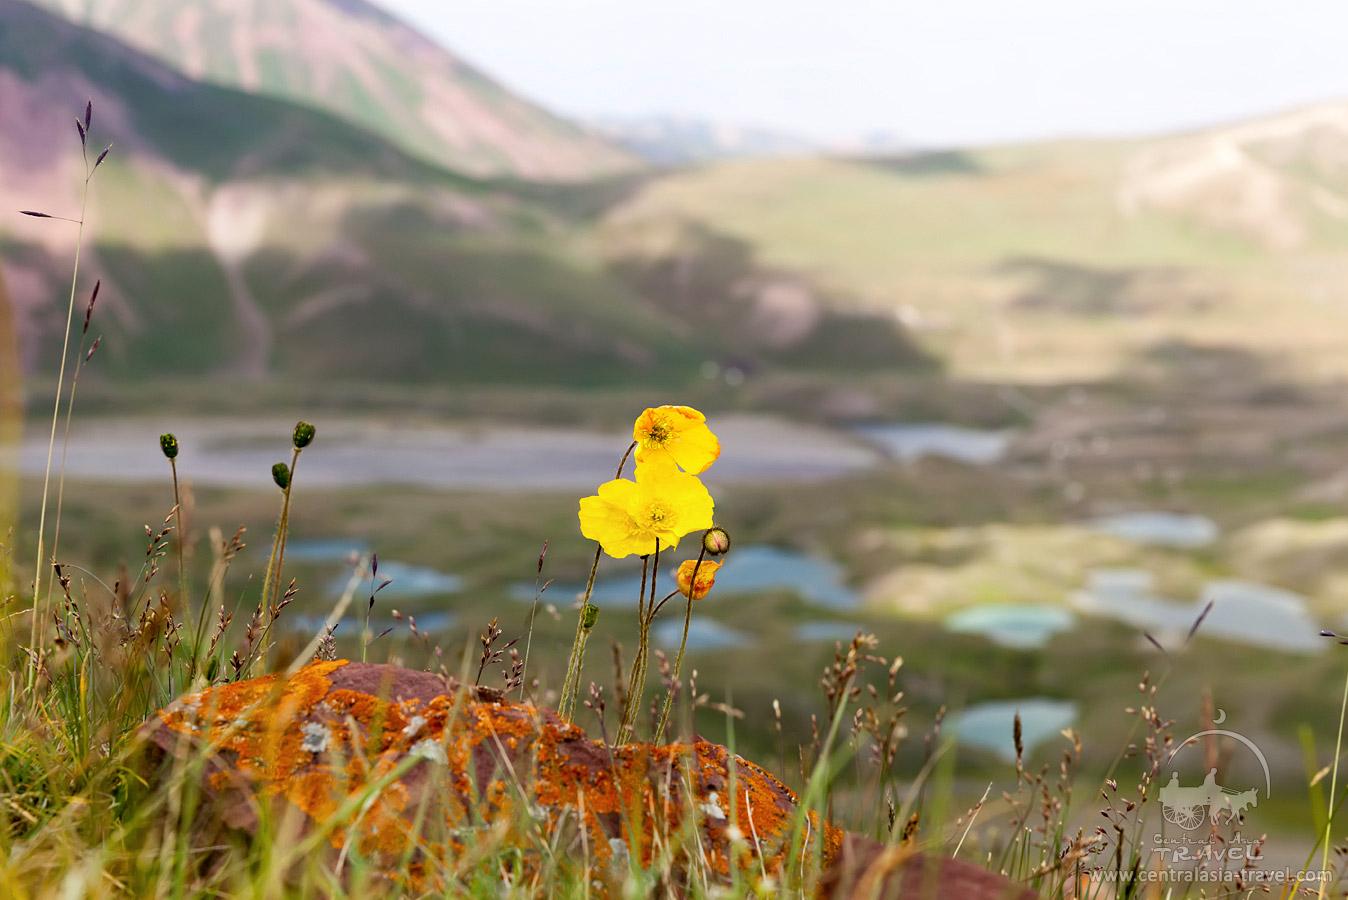 Environs du camp de base (3600 m)